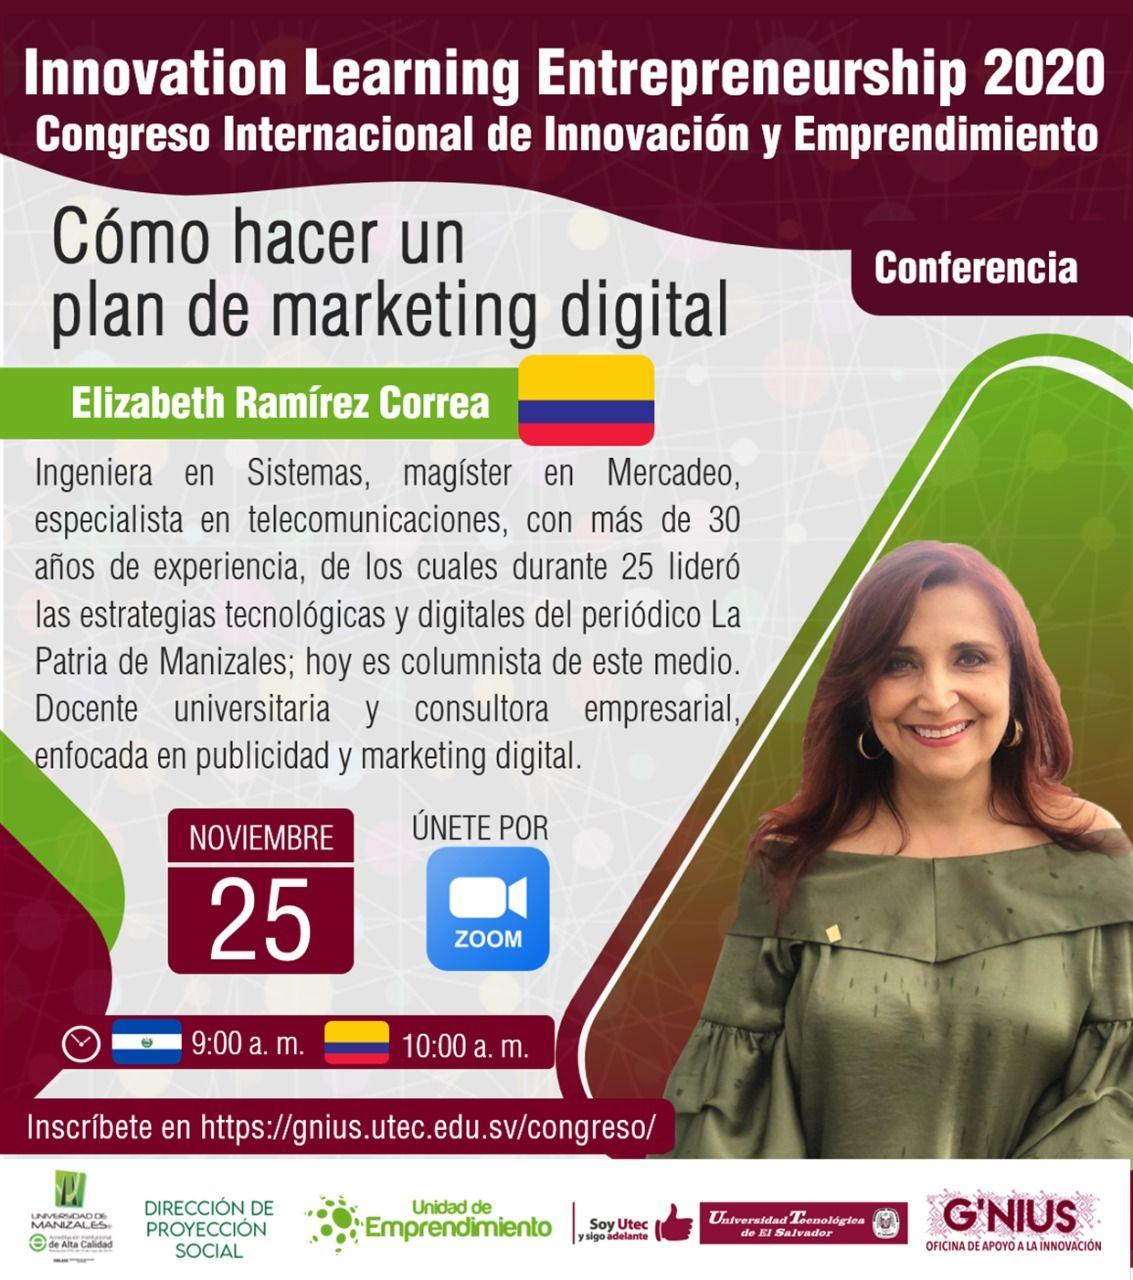 Ponencia sobre plan de marketing digital en Congreso de innovación en El Salvador